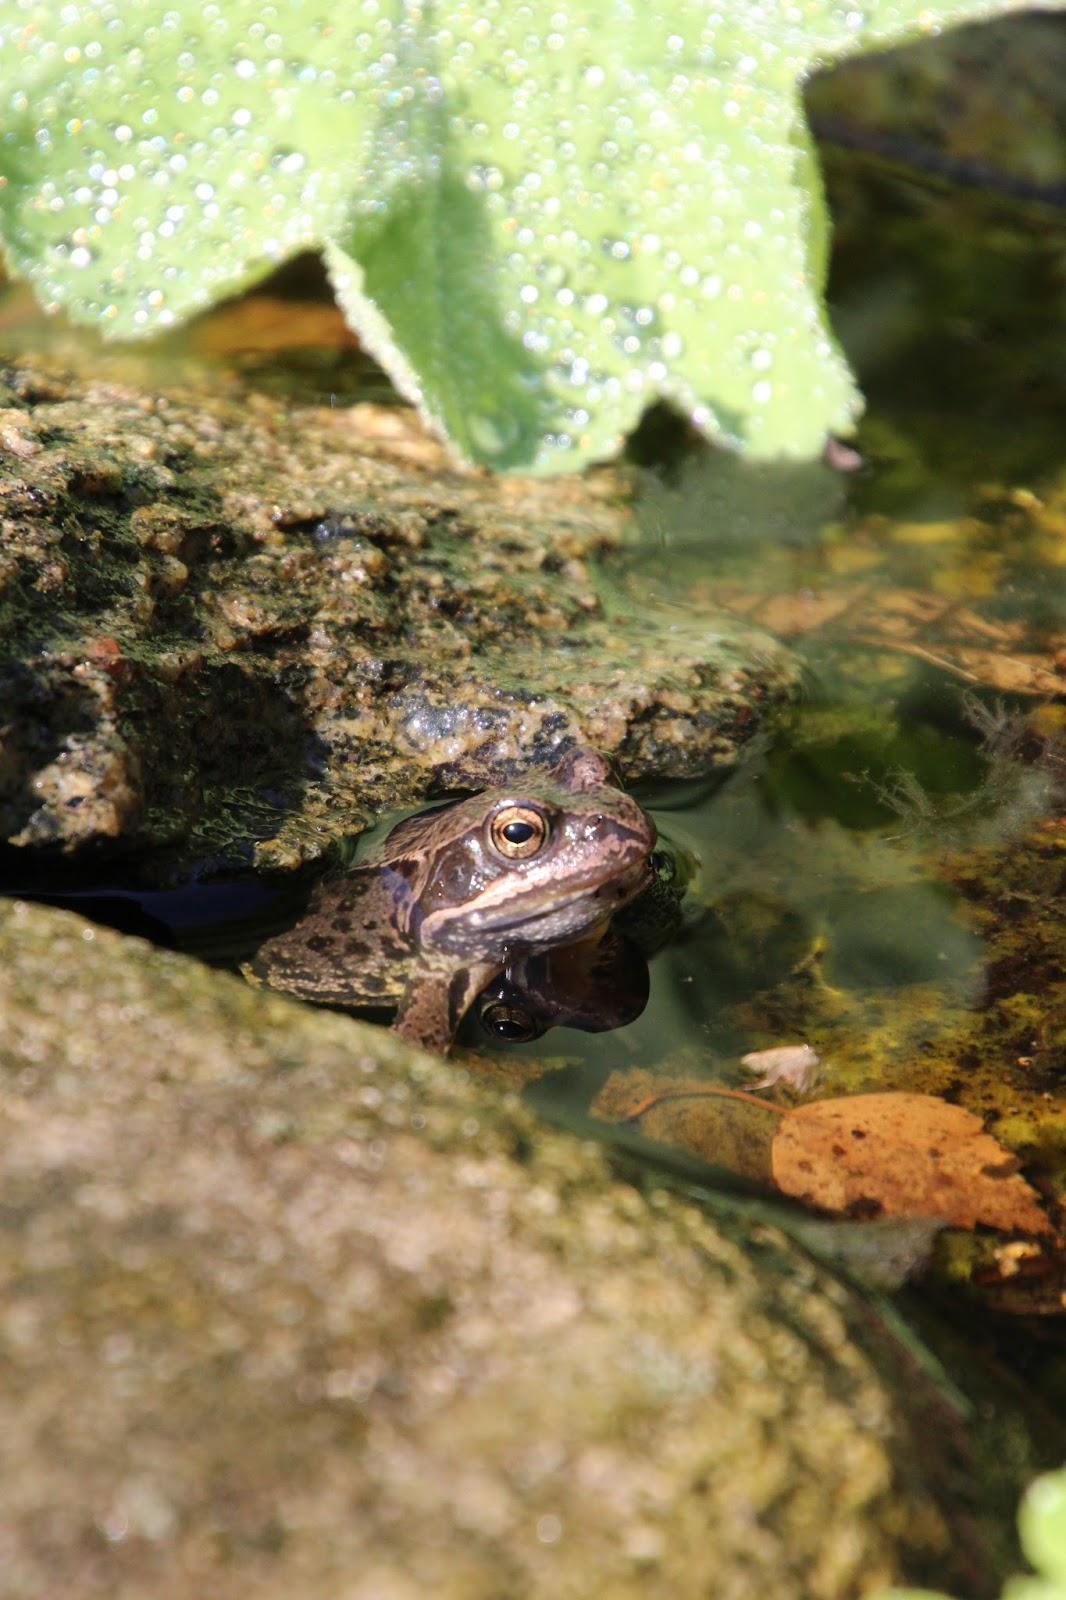 grodor i trädgården